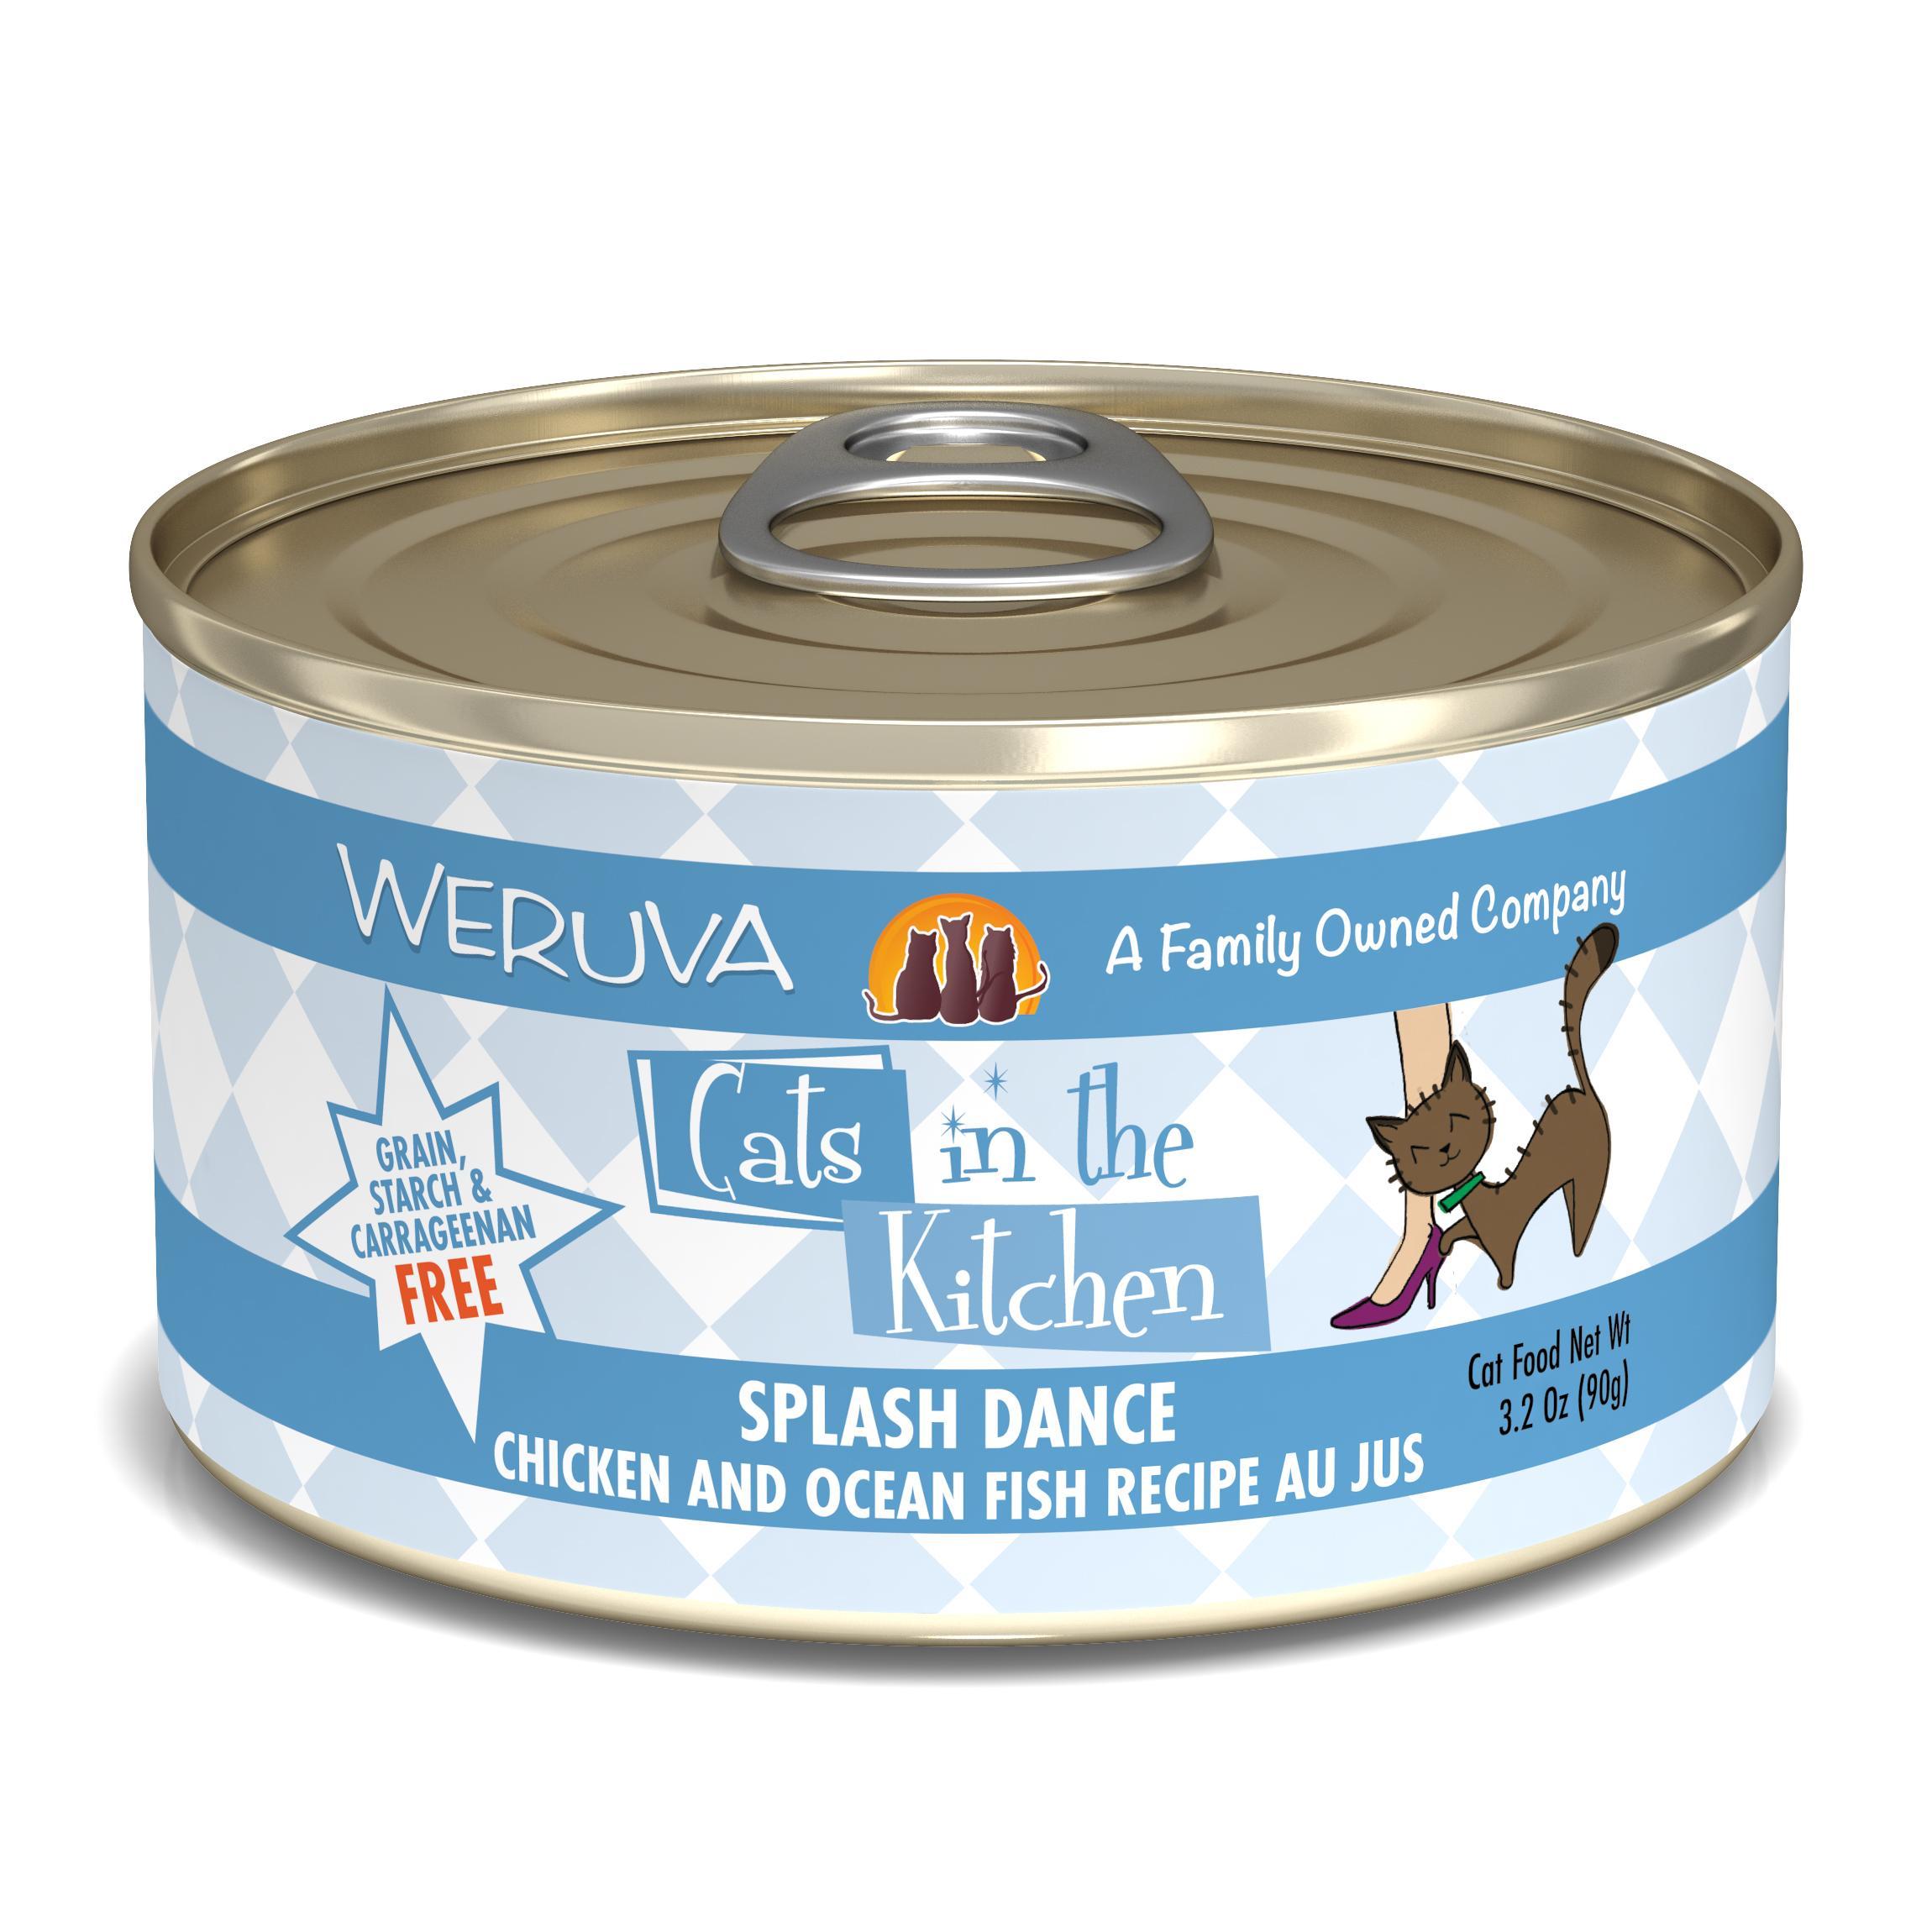 Weruva Cats in the Kitchen Splash Dance Chicken & Ocean Fish Au Jus Grain-Free Wet Cat Food Image